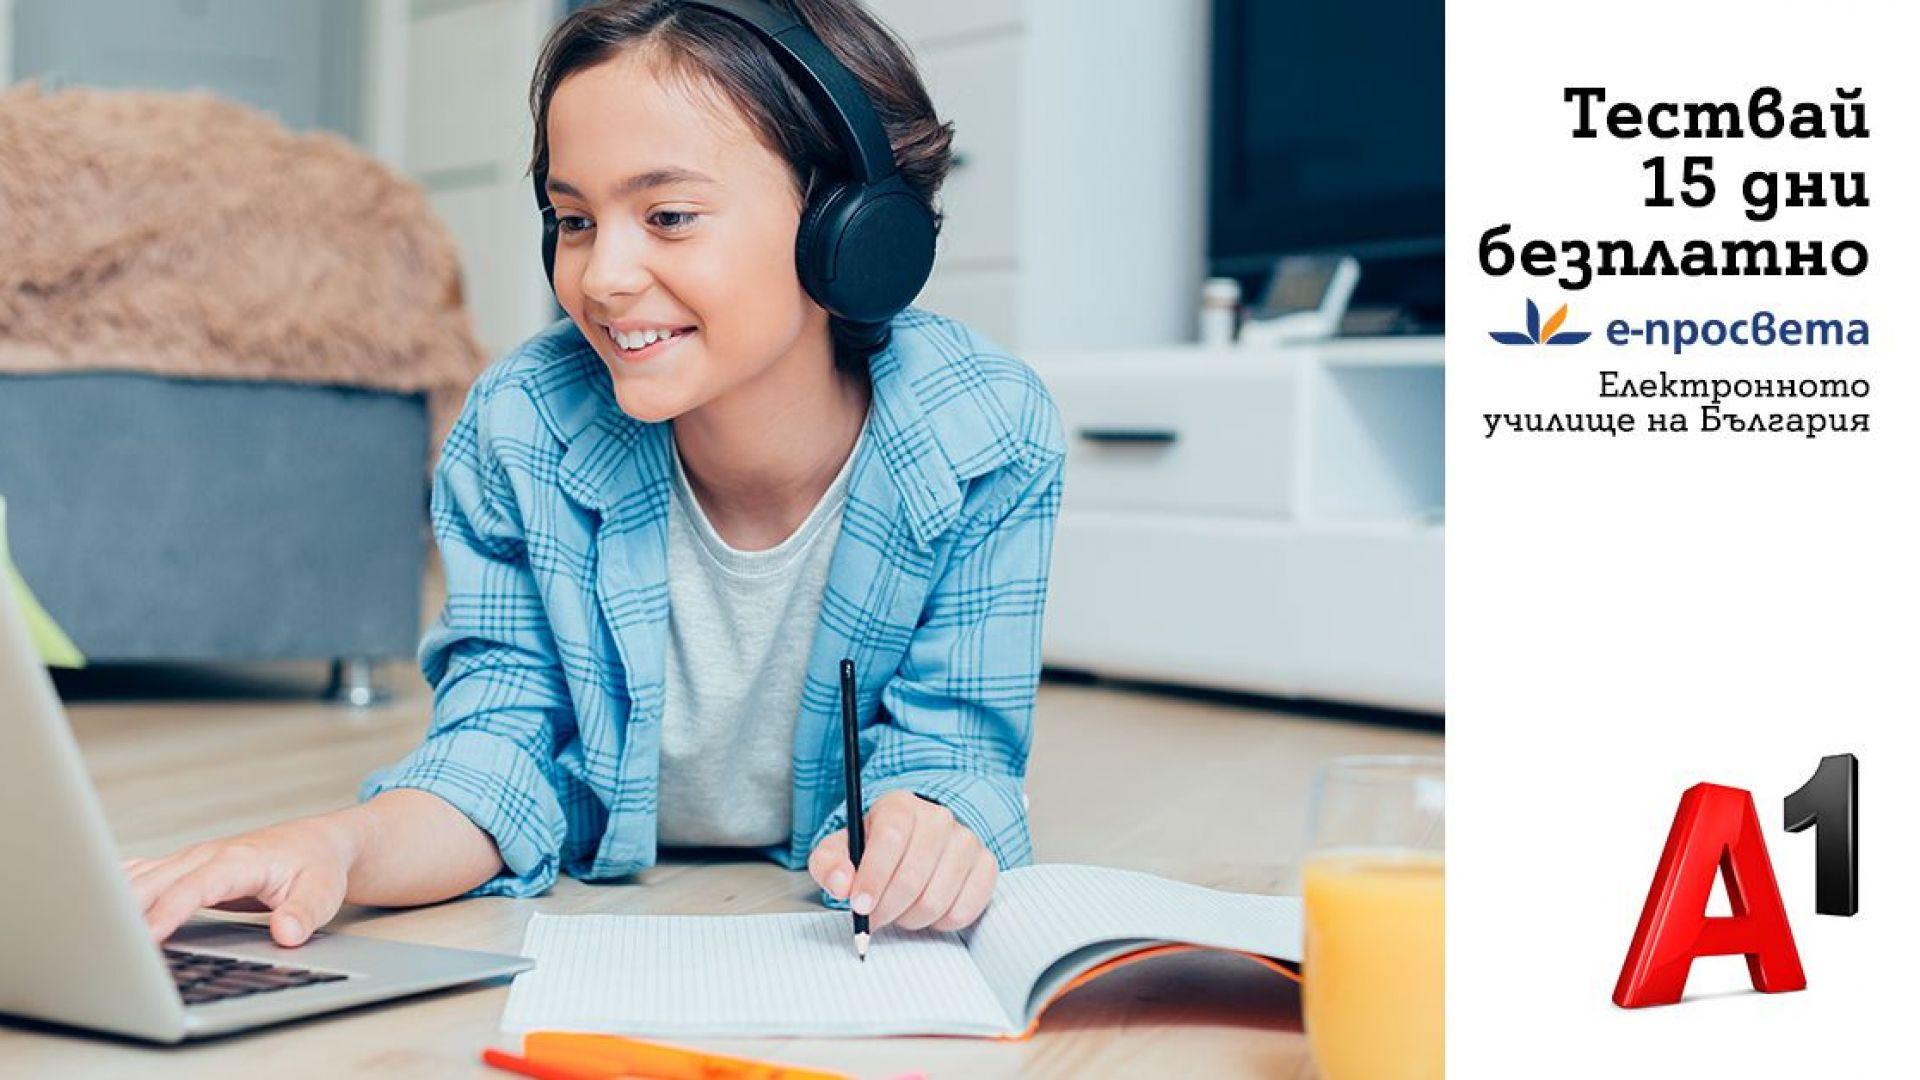 """15 дни безплатен достъп до дигиталното училище на А1 и """"Просвета"""" от 1 октомври"""